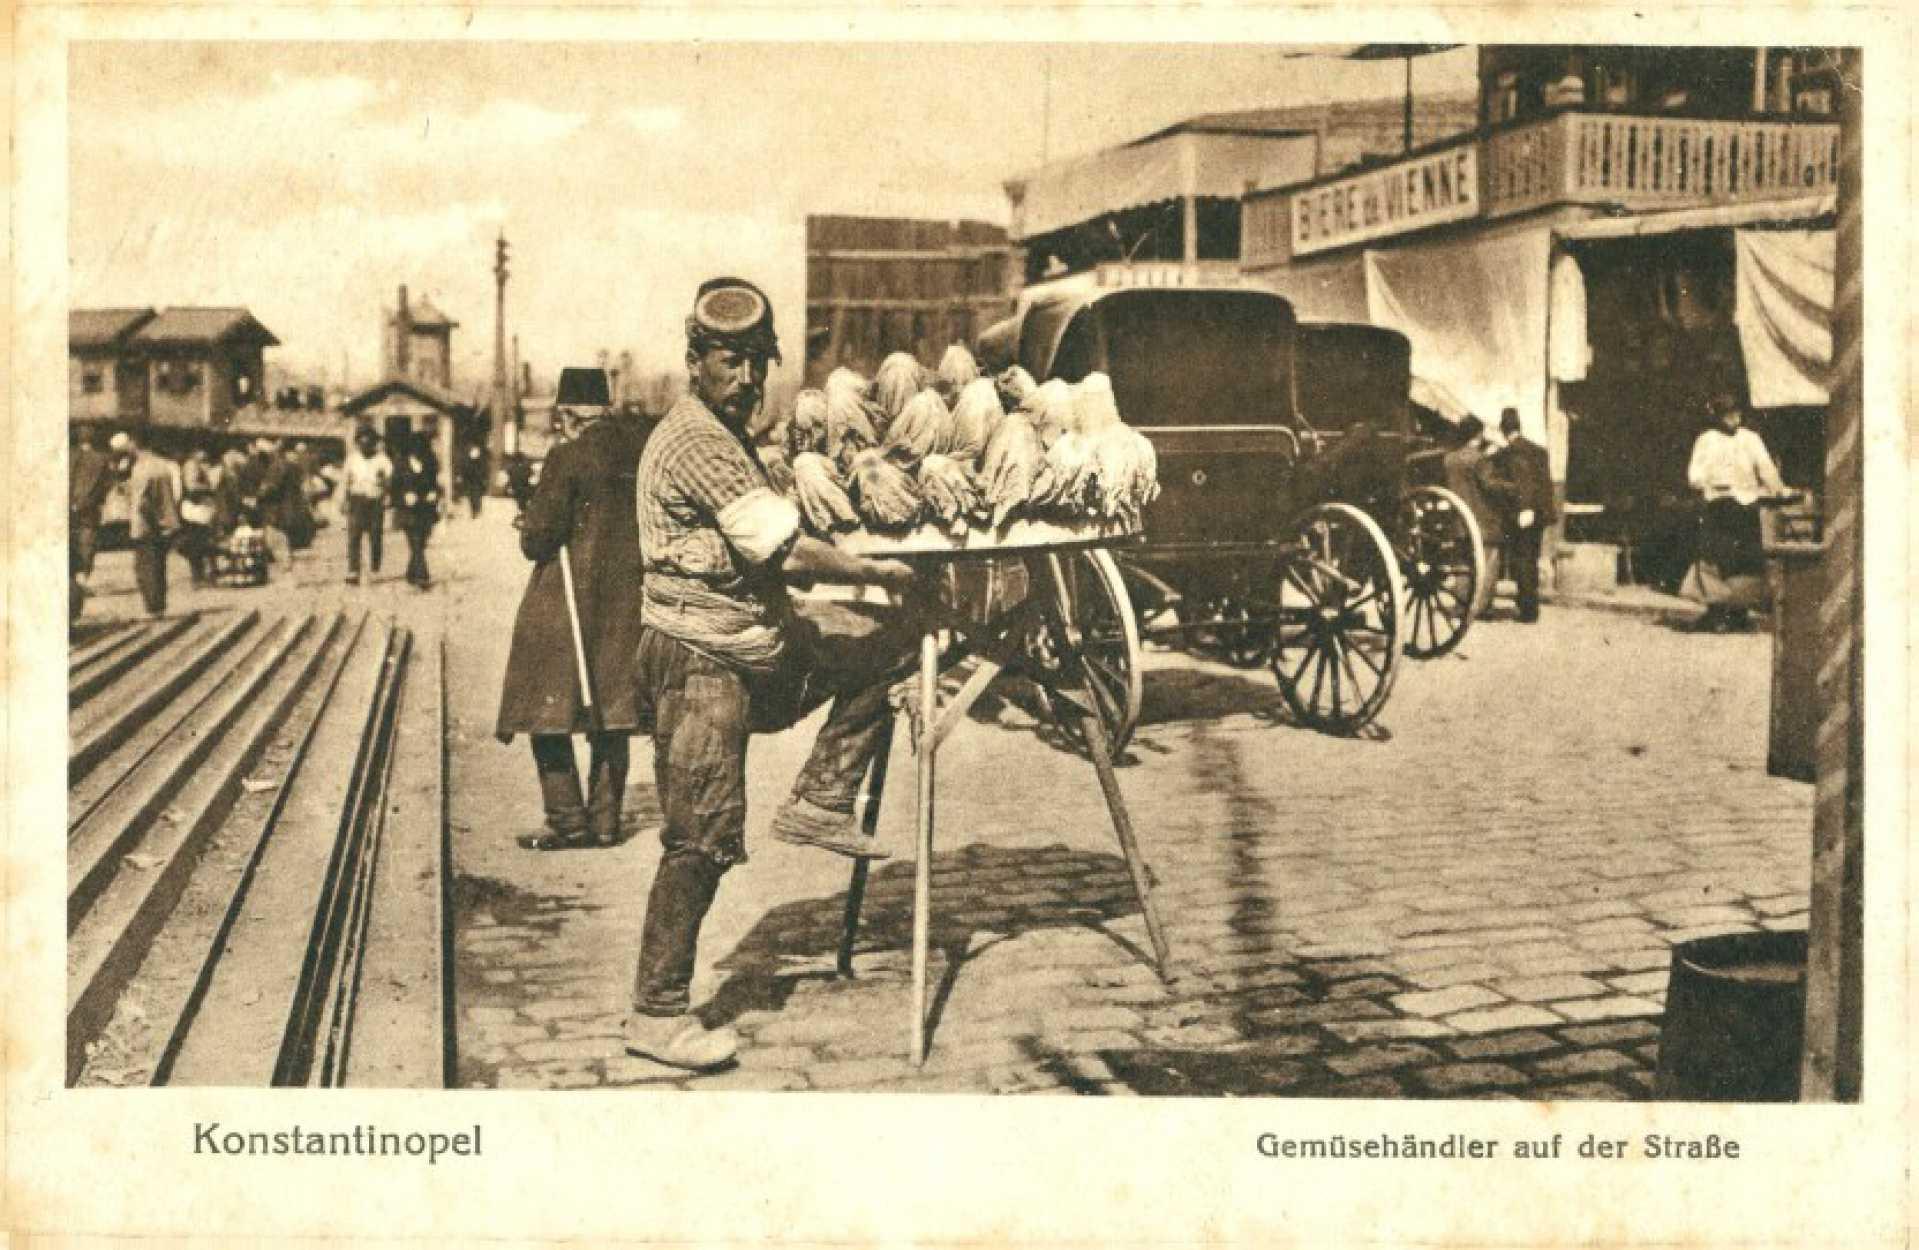 Konstantinopel. Gemüsehandler auf der Strabe